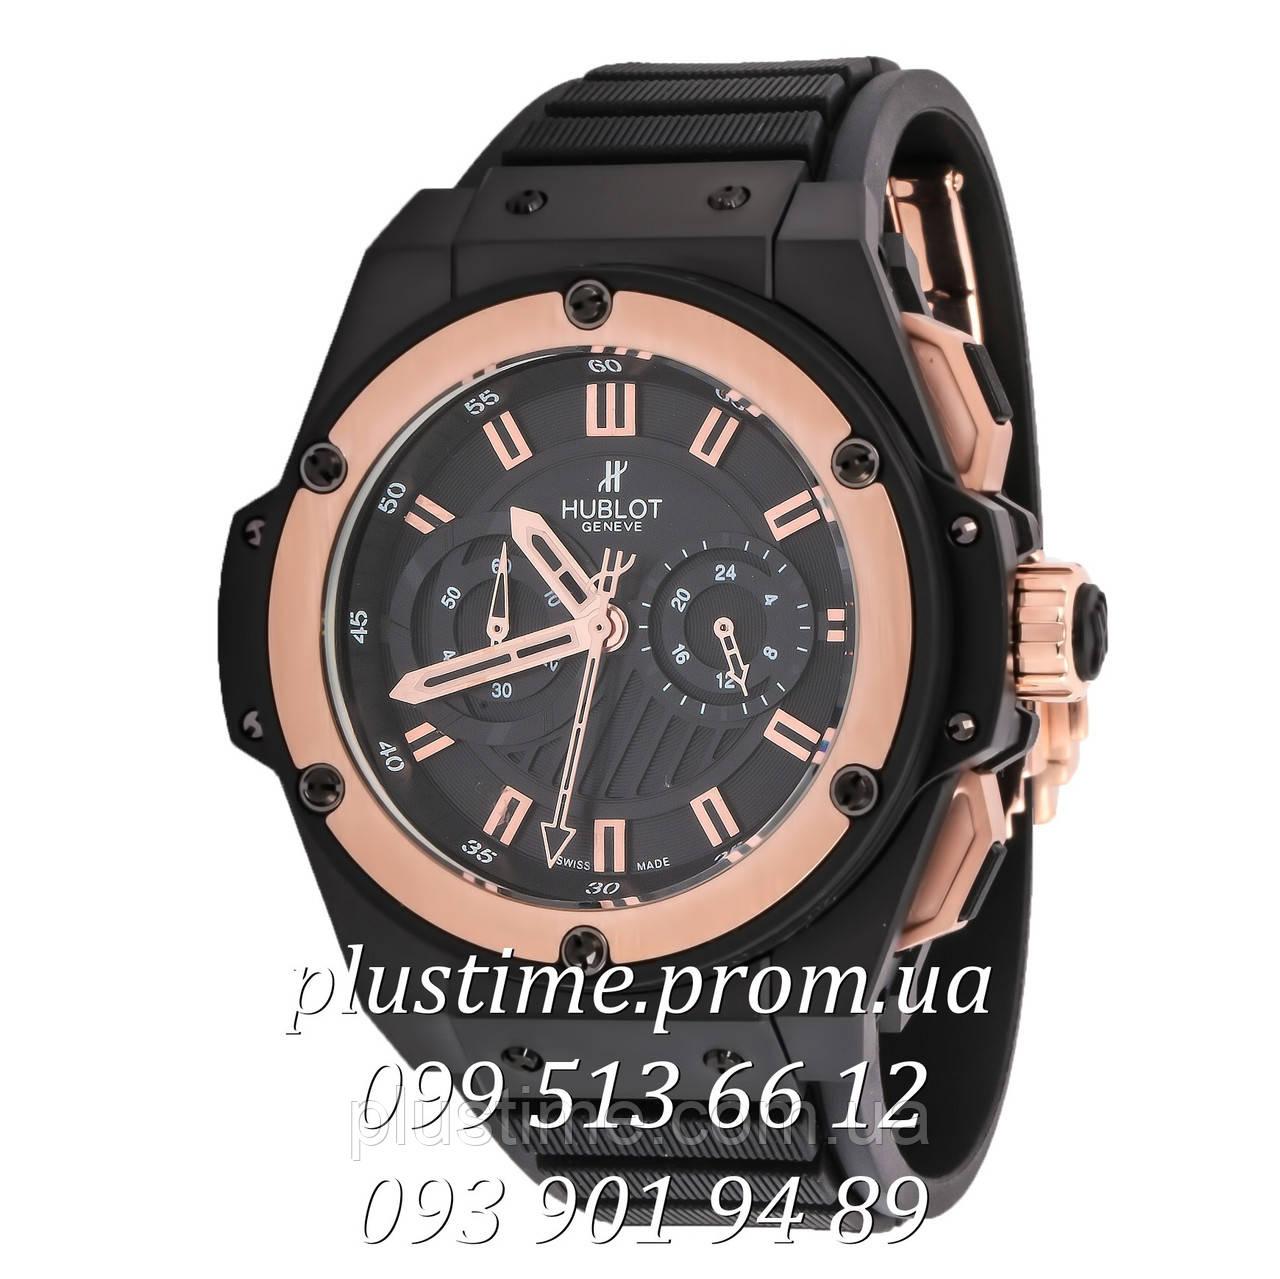 3689b46c28db Hublot Big Bang King Power Foudroyante gold мужские часы хронограф - ЧП  Чайка в Полтаве